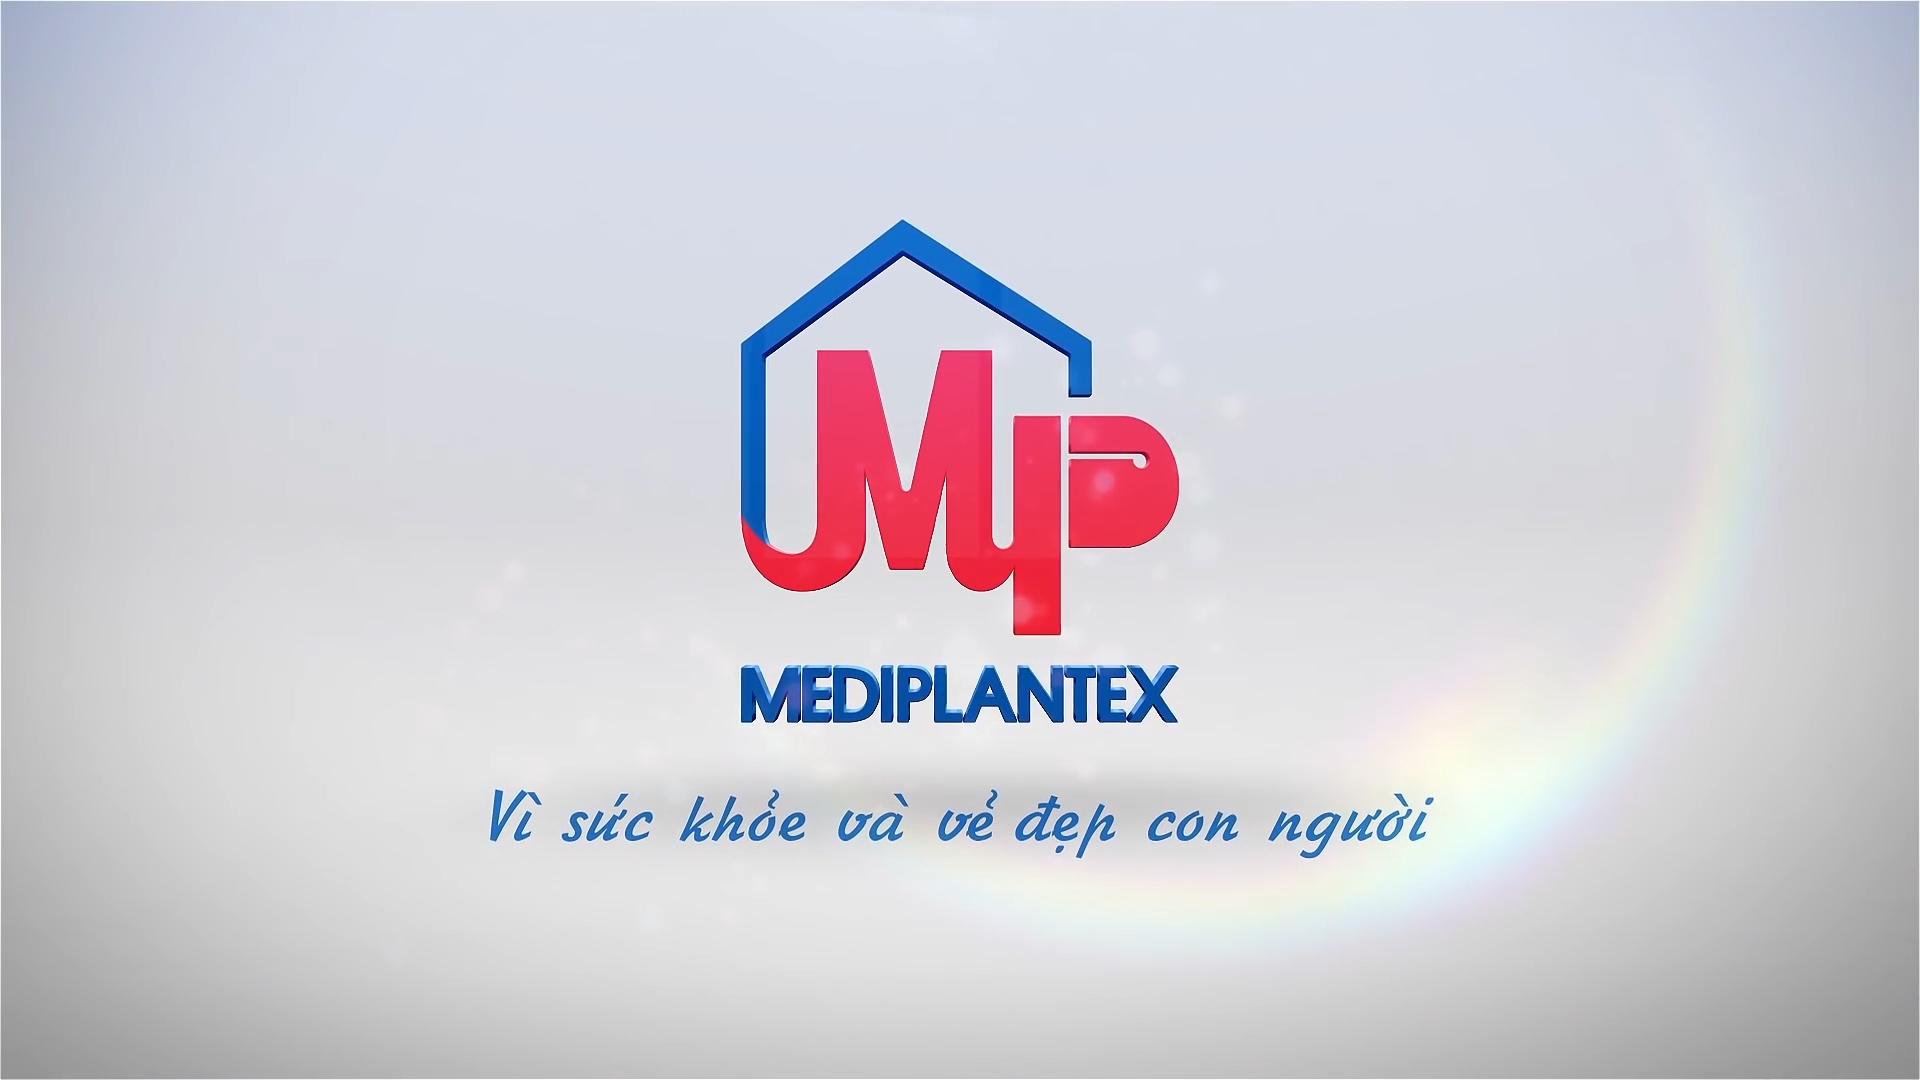 [Dược phẩm Mediplantex] Vì sức khỏe và vẻ đẹp con người